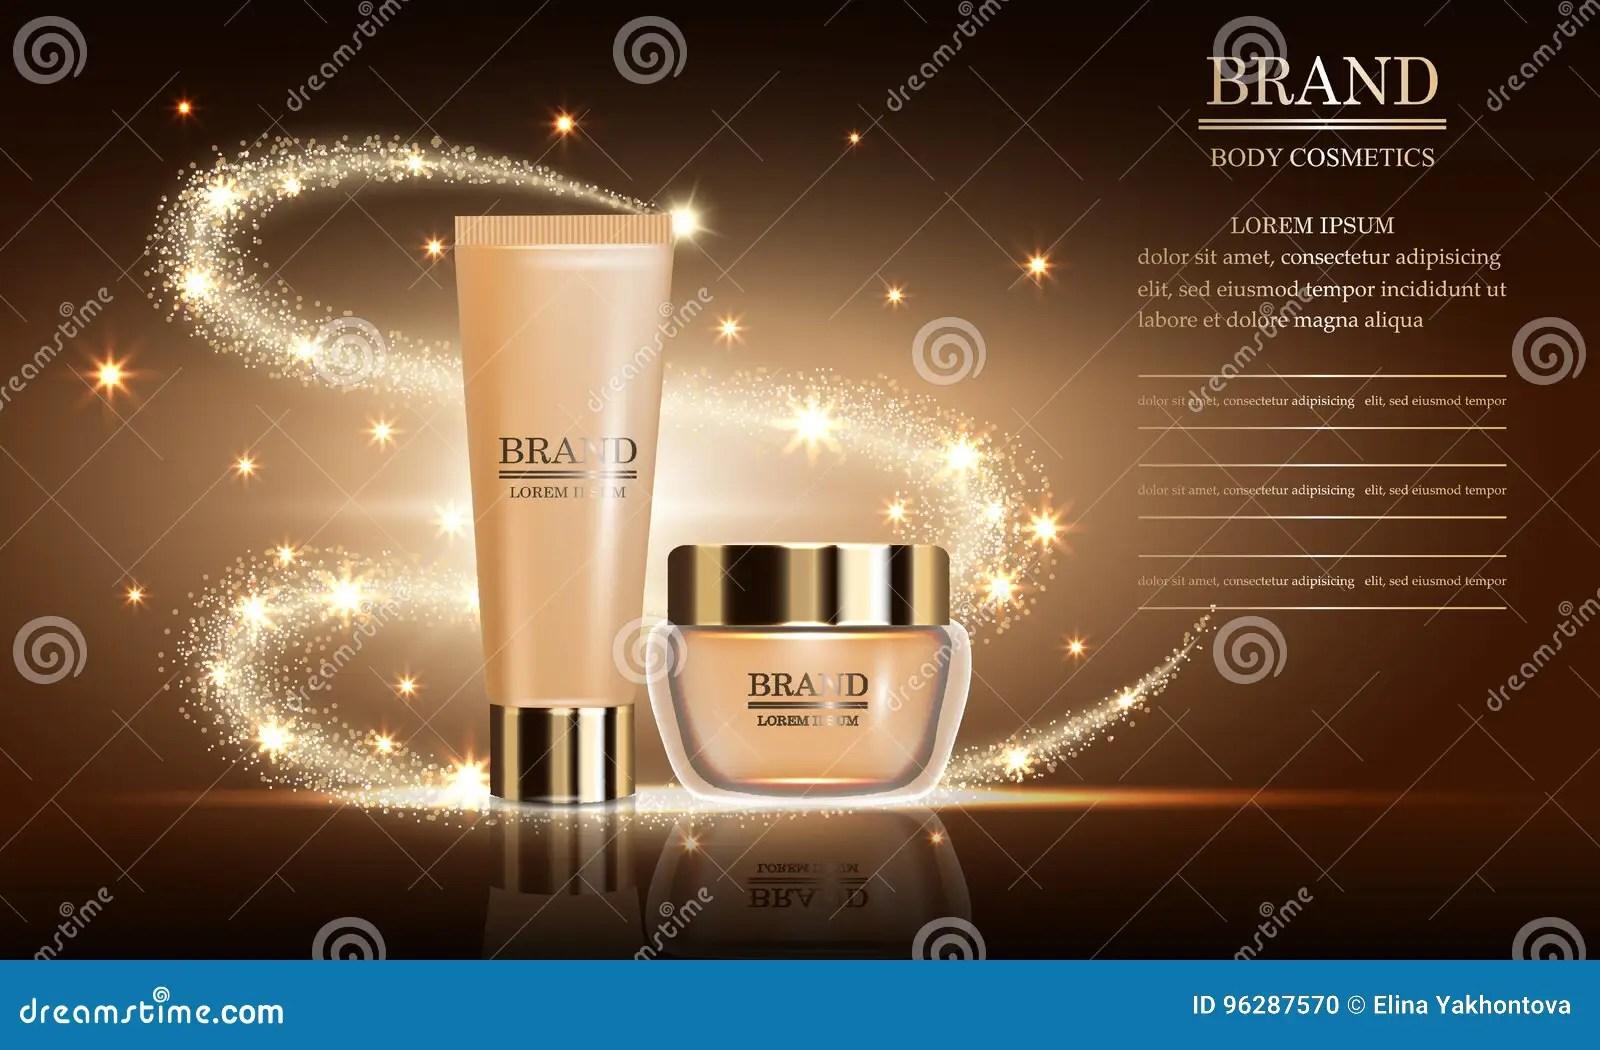 Premium Skin Care Products